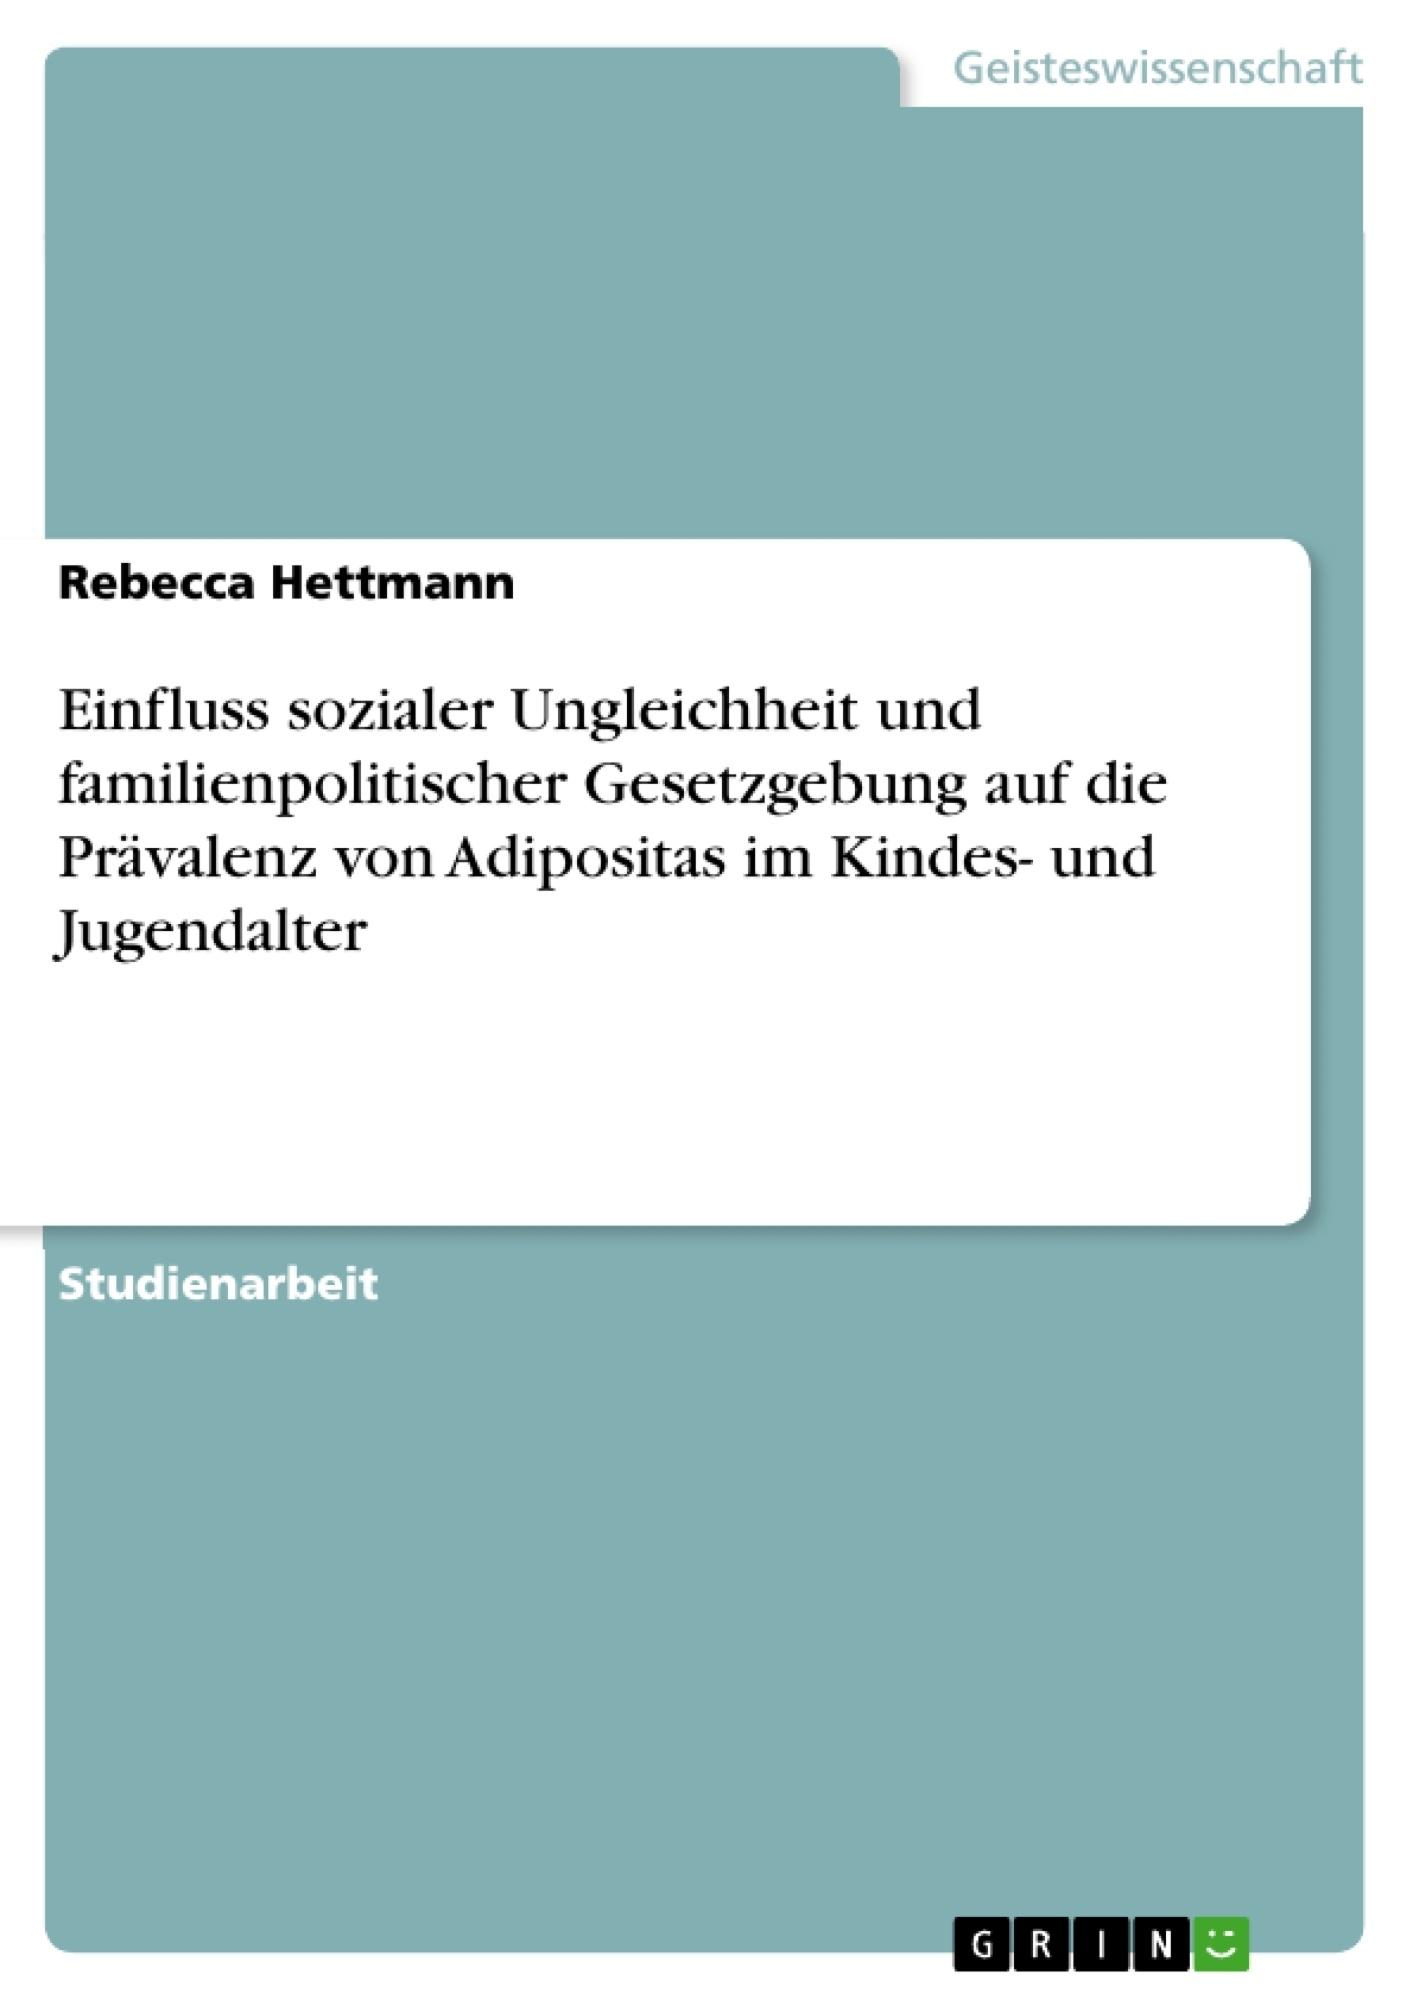 Titel: Einfluss sozialer Ungleichheit und familienpolitischer Gesetzgebung auf die Prävalenz von Adipositas im Kindes- und Jugendalter